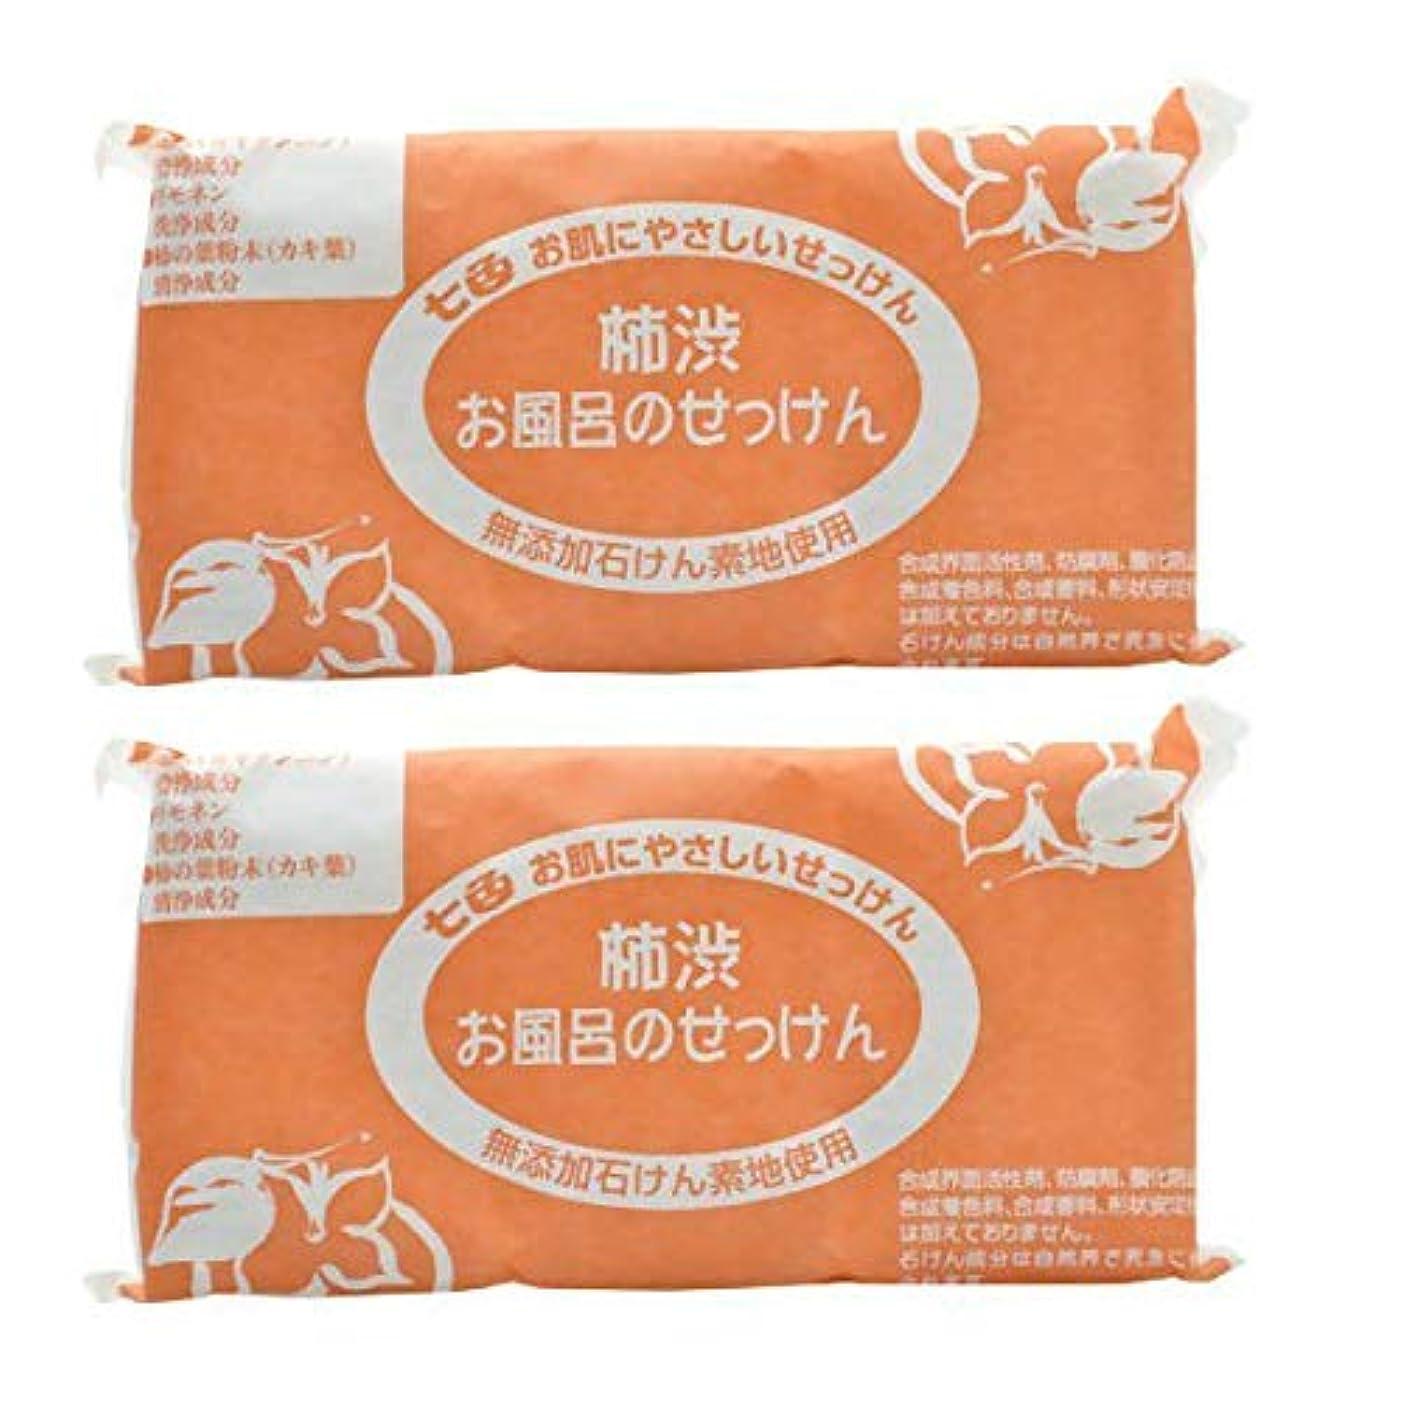 施しアートひも七色 お風呂のせっけん 柿渋(無添加石鹸) 100g×3個入×2セット